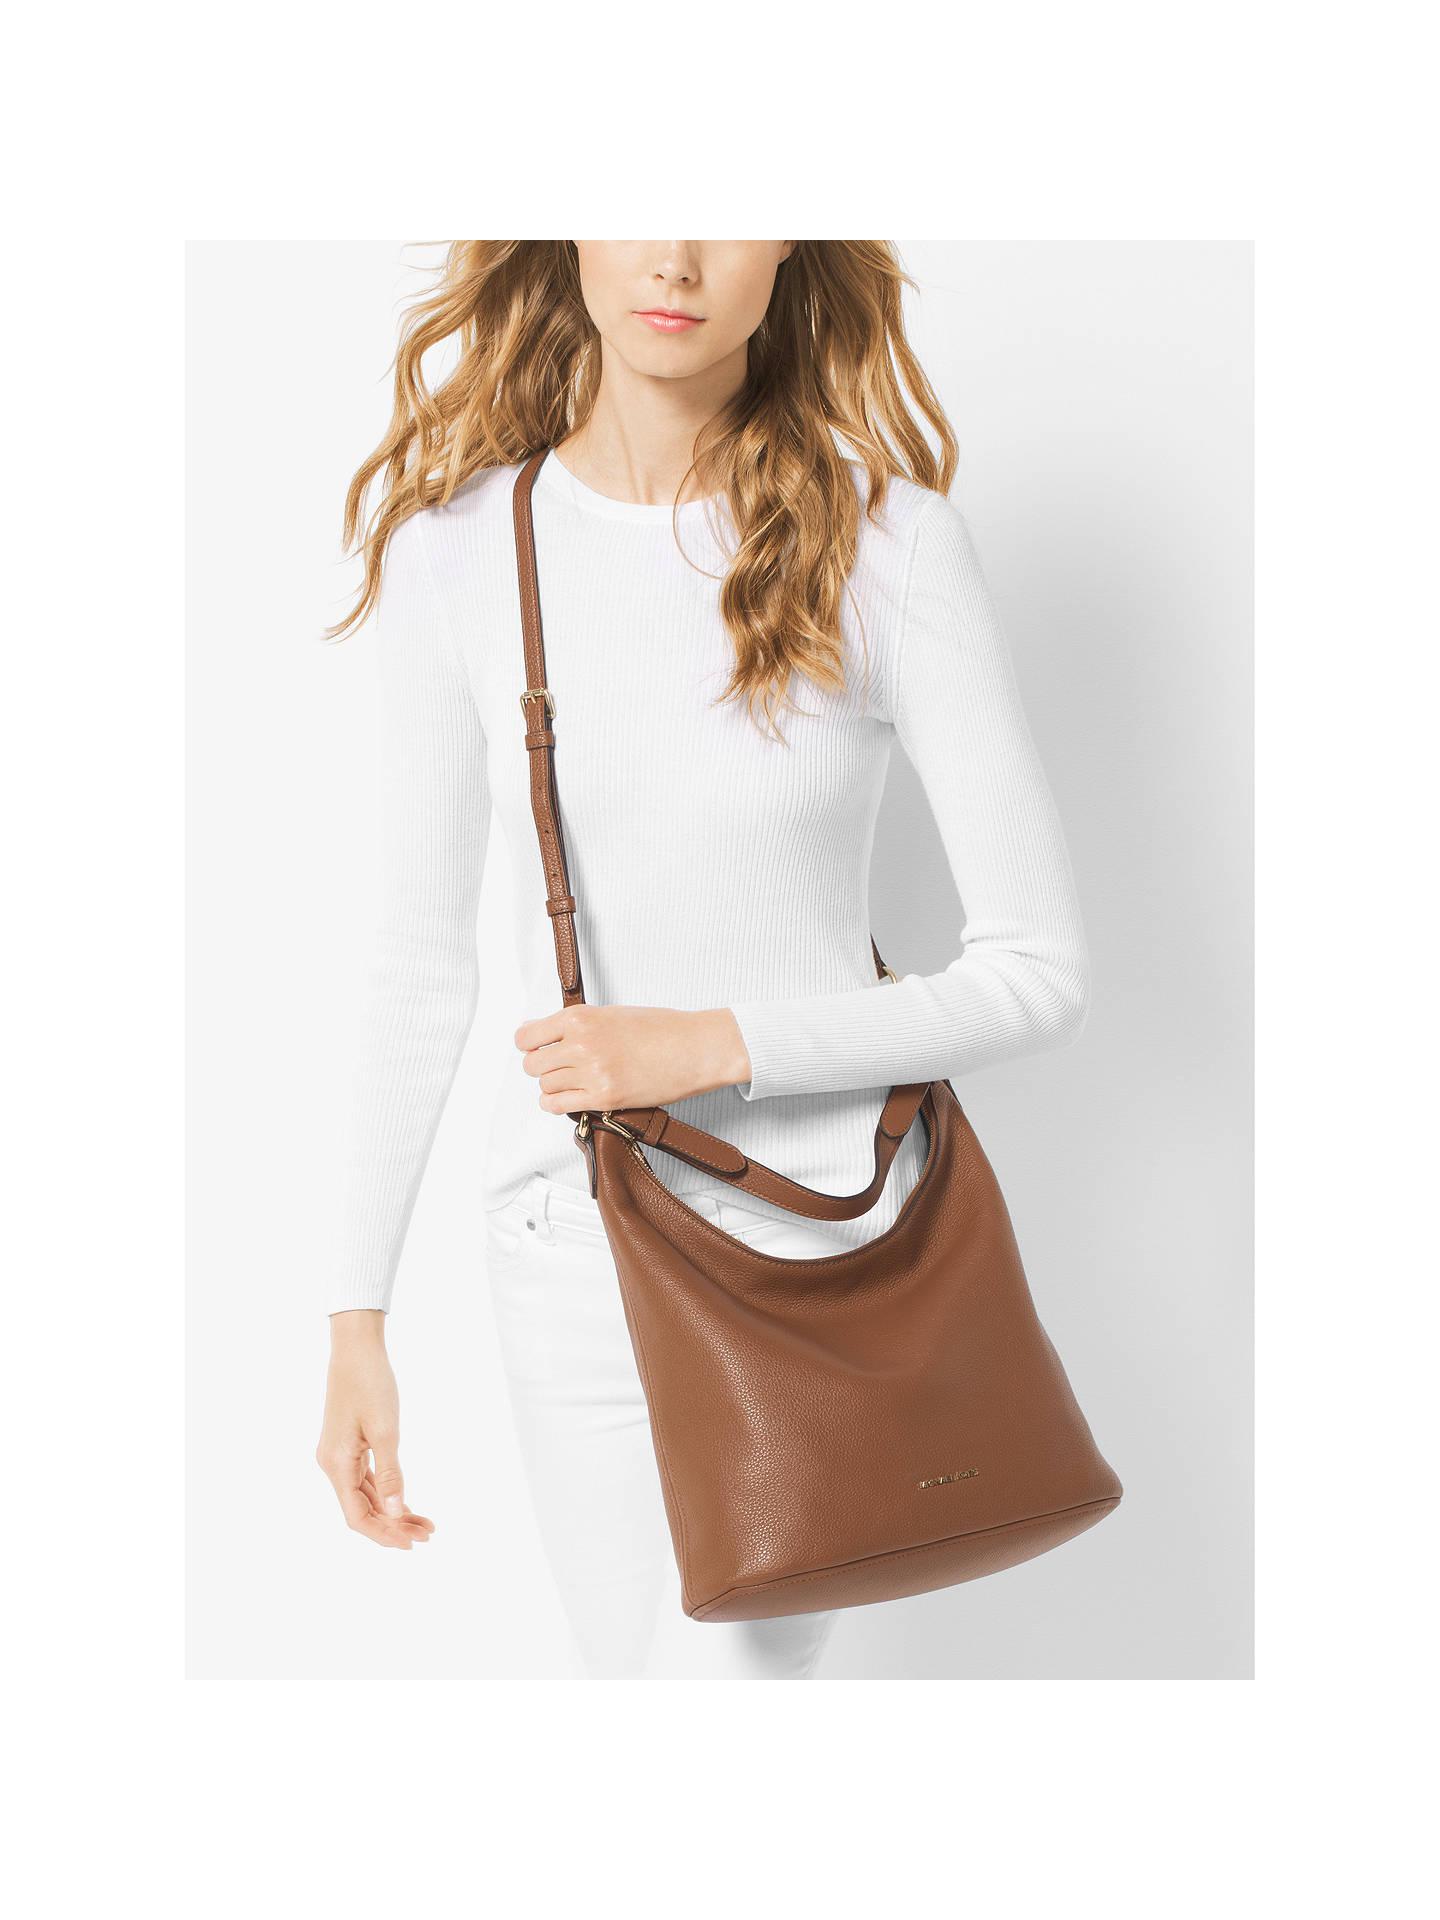 MICHAEL Michael Kors Lupita Leather Large Hobo Bag at John Lewis ... 11e5d1ce3bc57